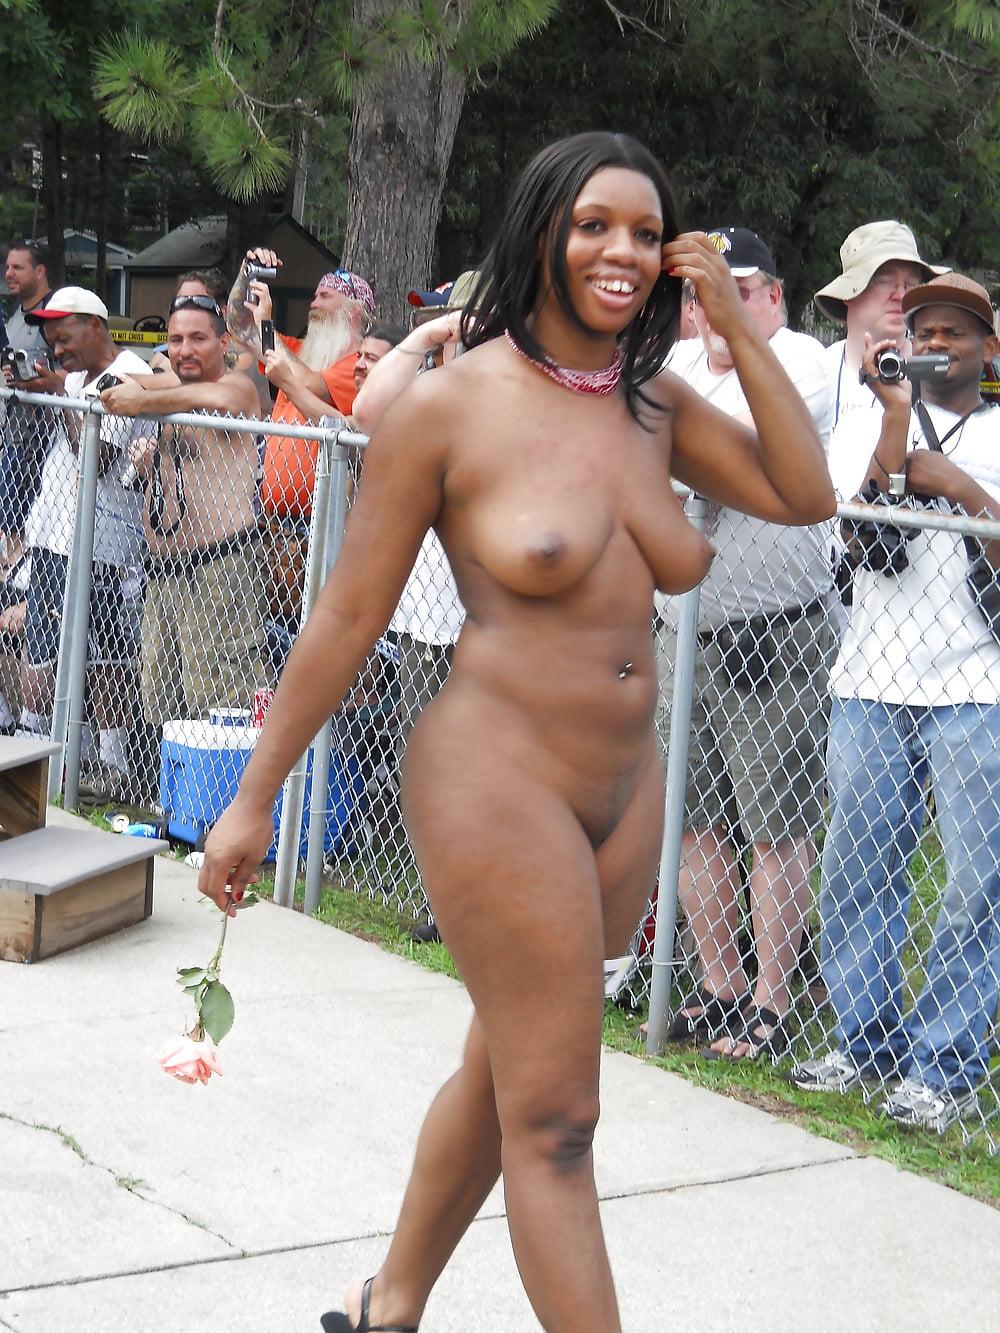 Nude ebony in public ebony naked public ebony naked in public ebony public naked